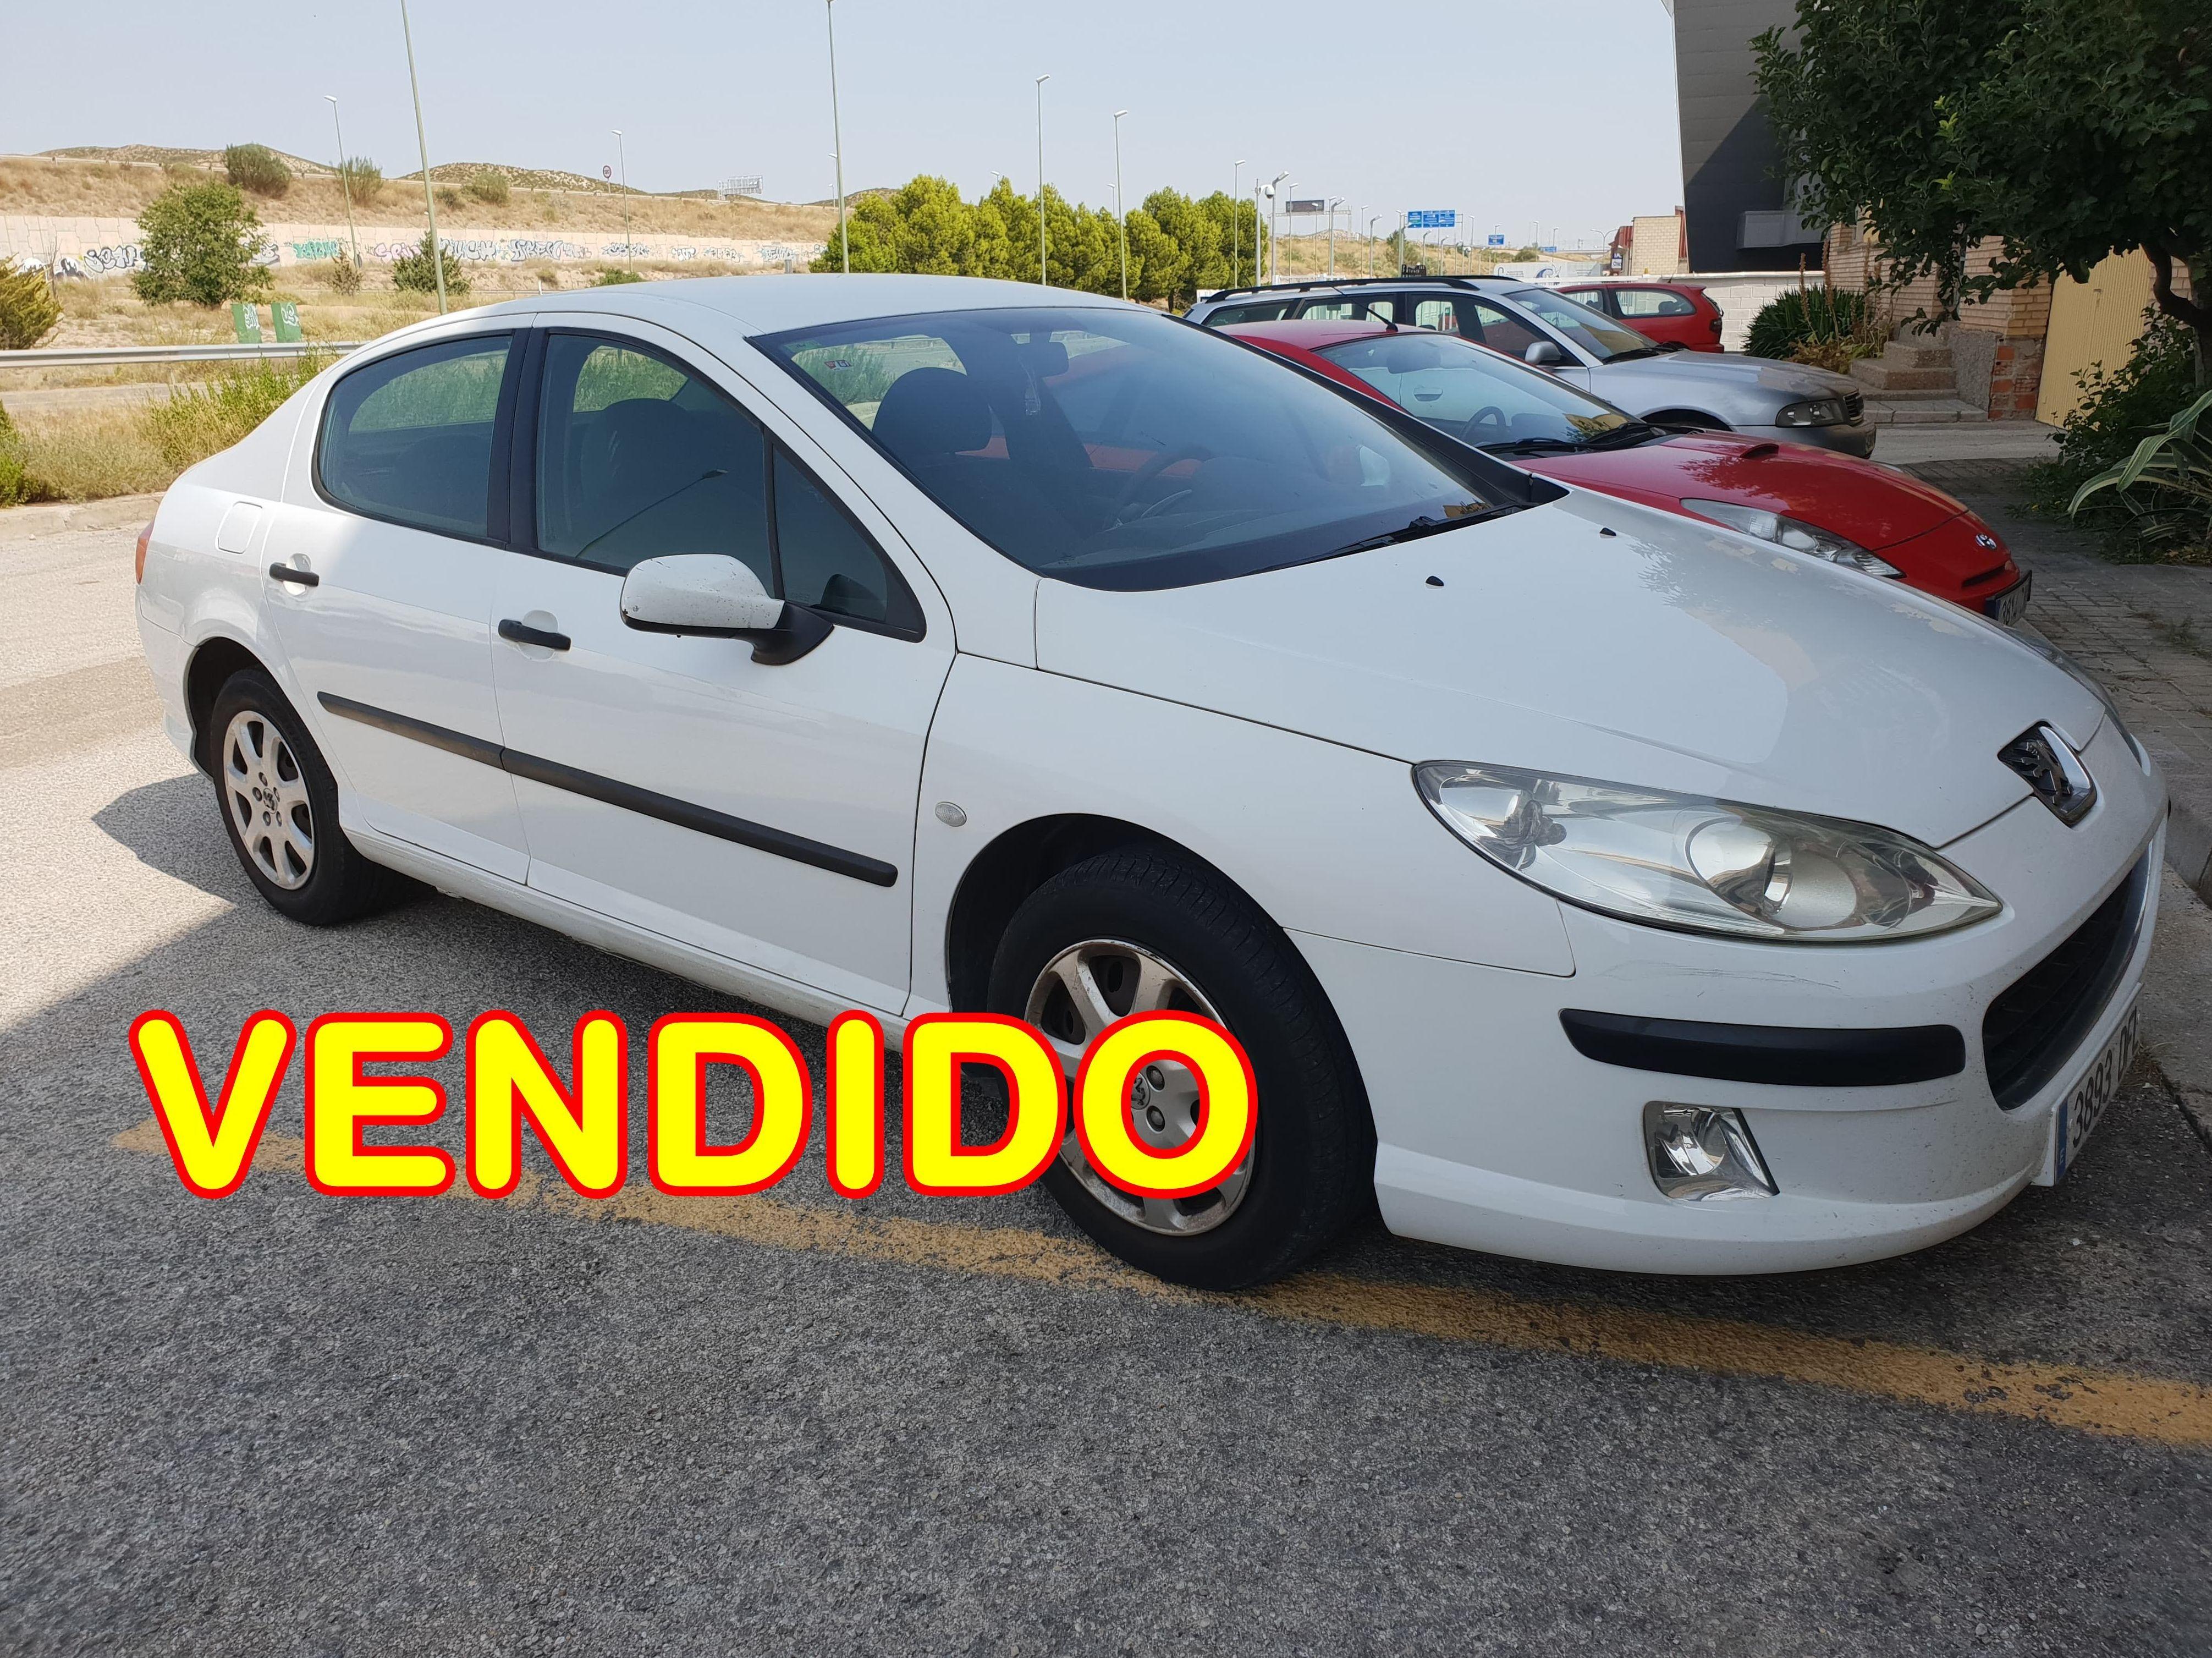 -VENDIDO- PEUGEOT 407  DIESEL : Suspensiones y vehículos de Romero Autoparts Zaragoza